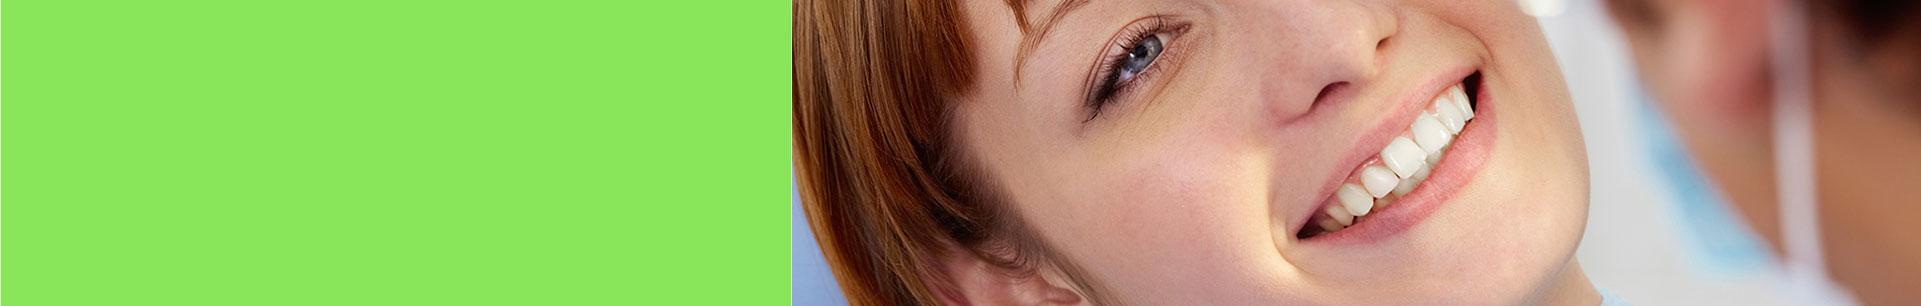 Uśmiech kobiety zwybielonymi zębami- zabiegi wMedispot